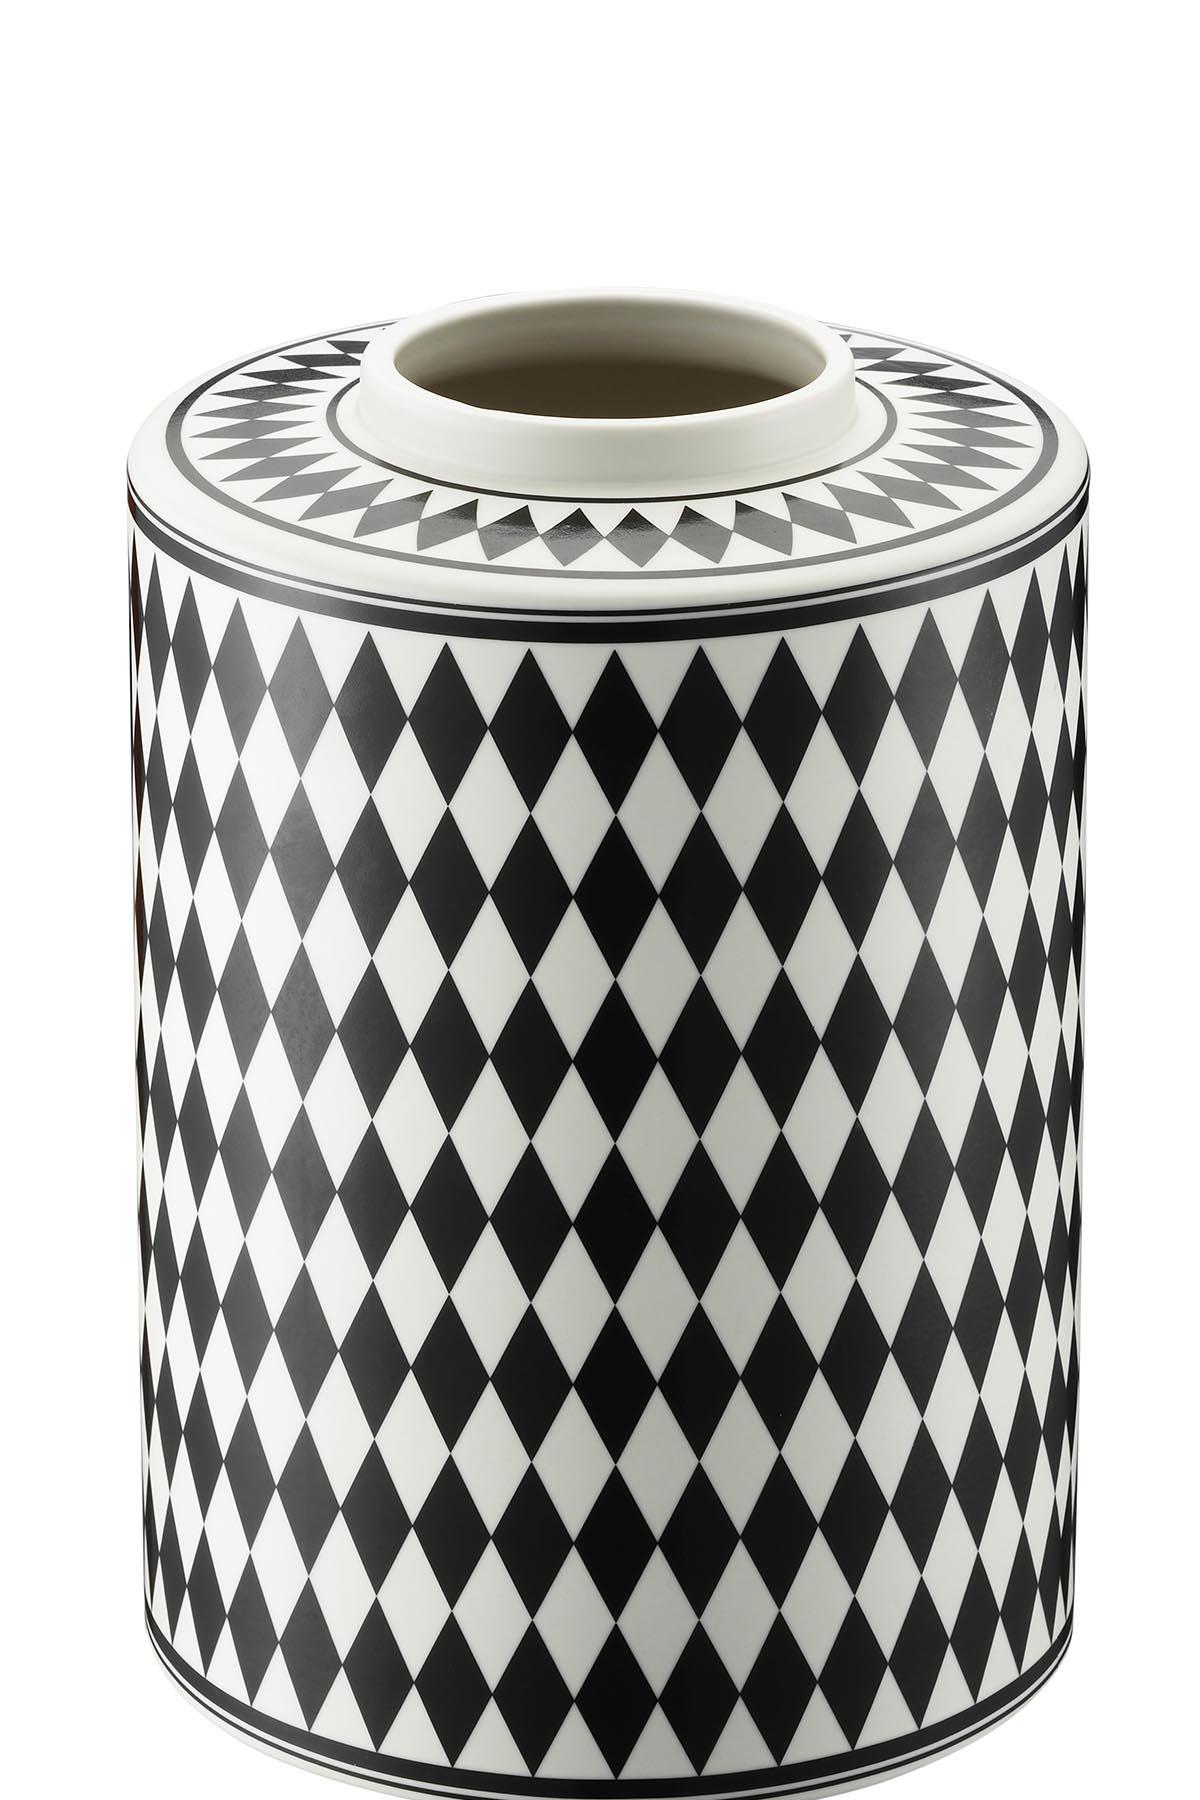 Kütahya Porselen Modern 29 cm Vazo 10957